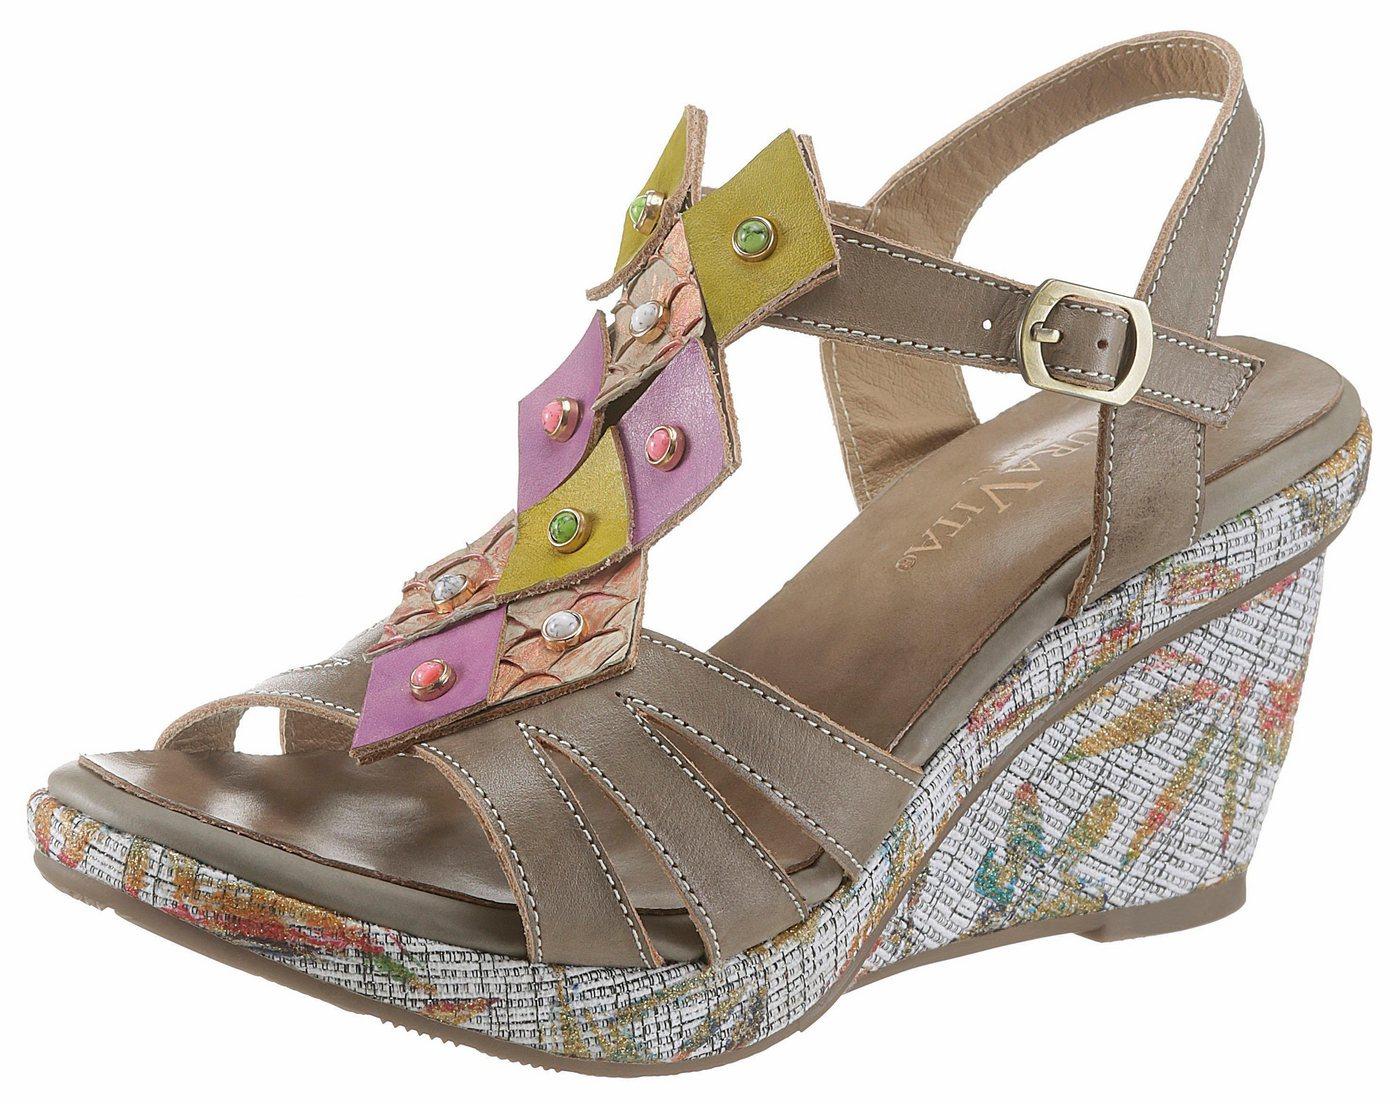 LAURA VITA »David33« Sandalette mit schöner Blattverzierung | Schuhe > Sandalen & Zehentrenner > Sandalen | Bunt | LAURA VITA